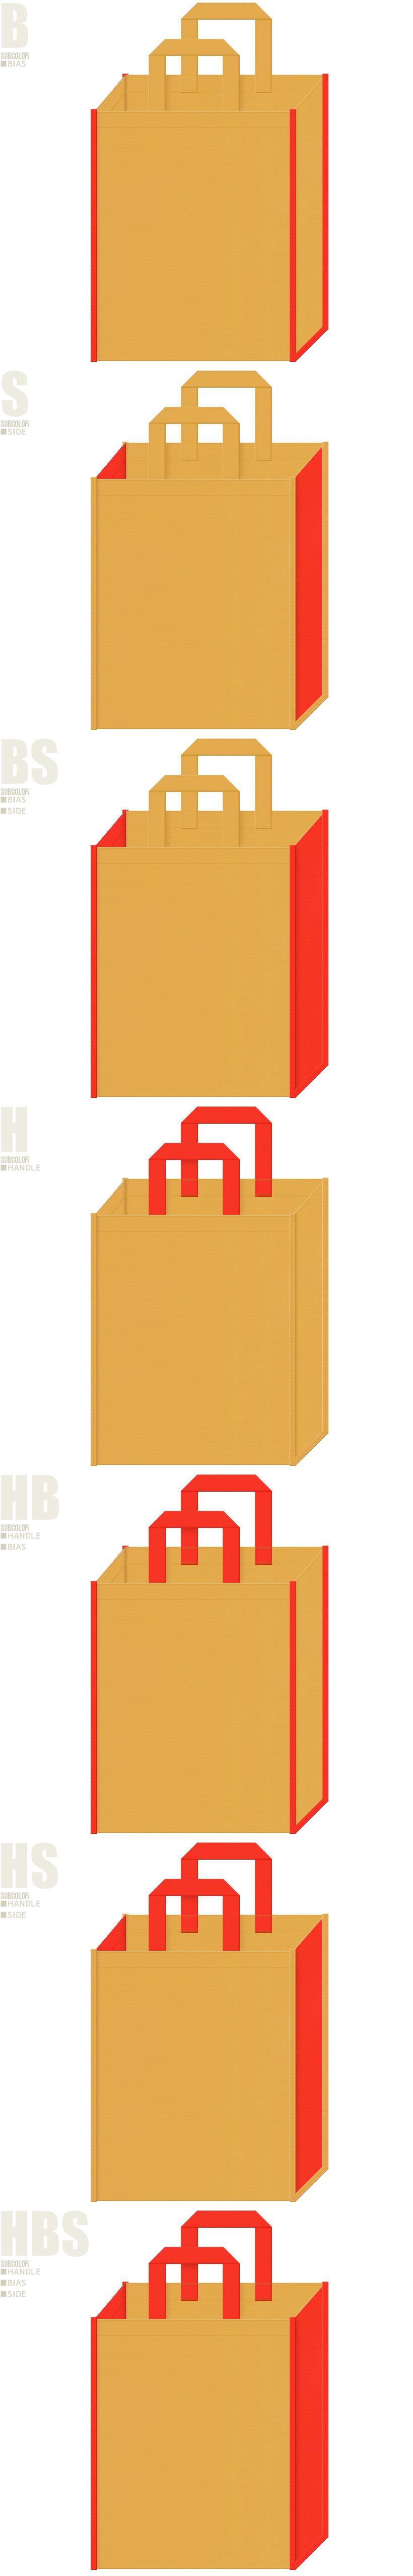 ランチバッグにお奨めの、黄土色とオレンジ色、7パターンの不織布トートバッグ配色デザイン例。